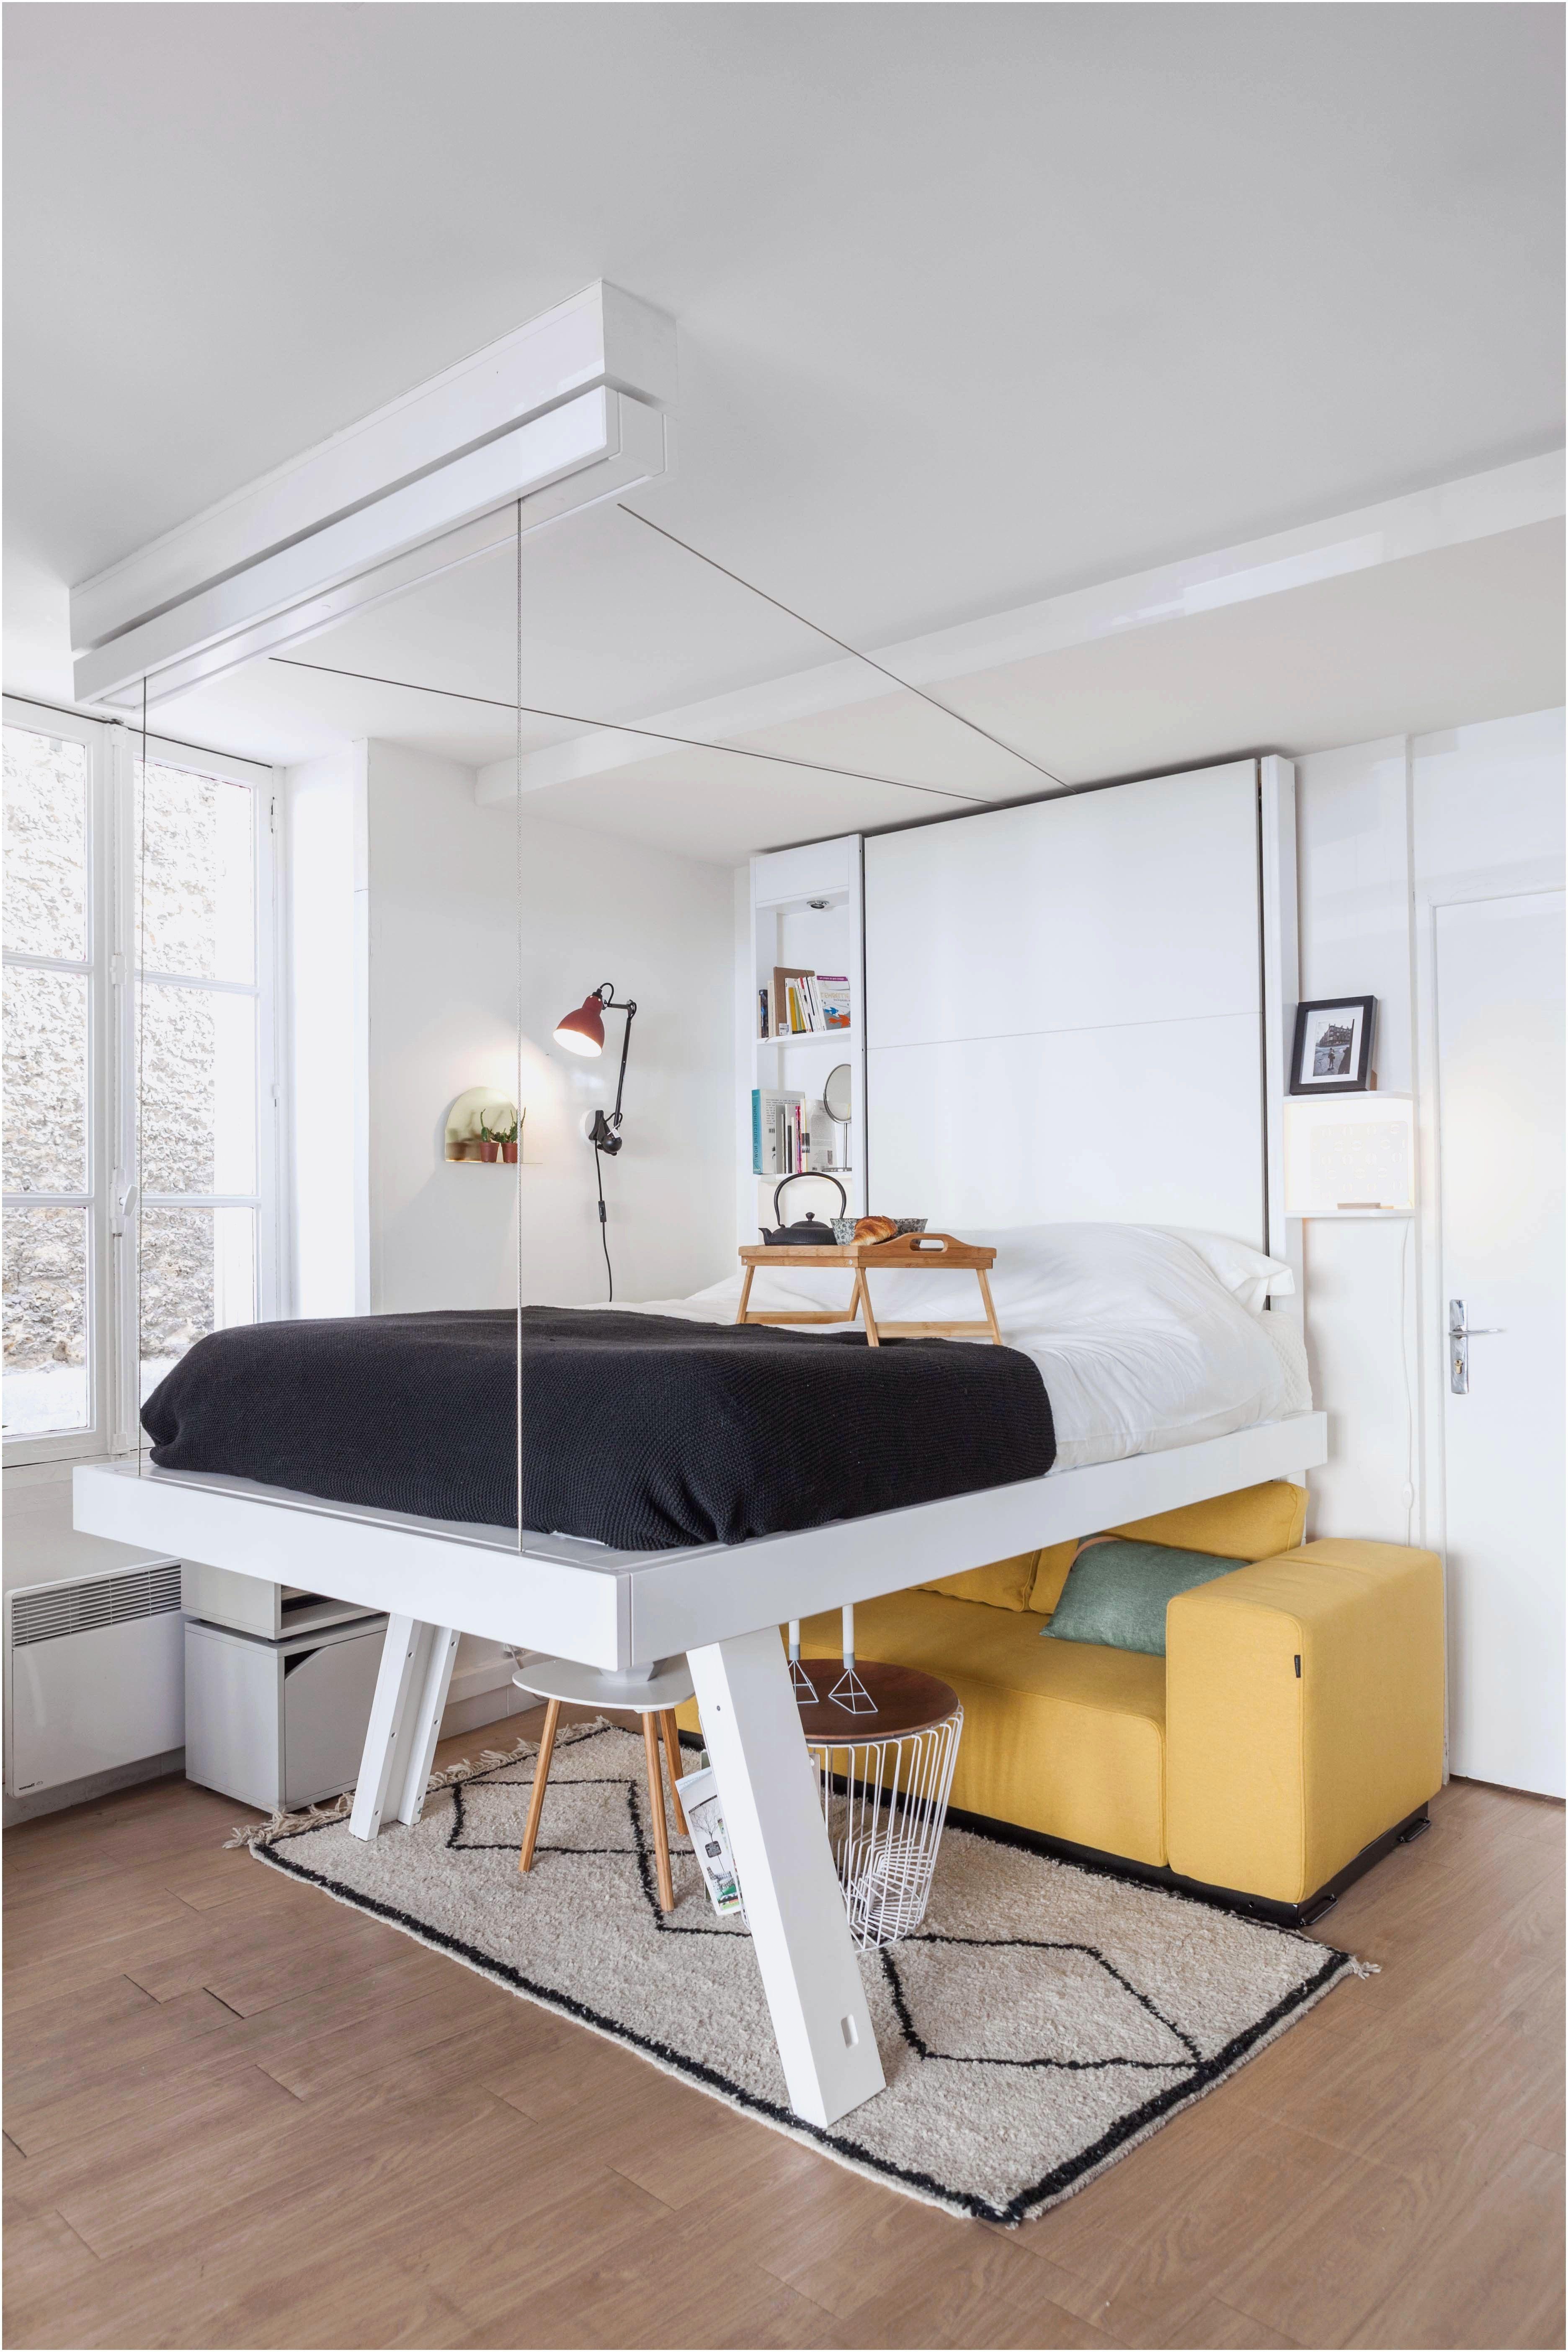 Lit Mezzanine Deux Places Nouveau E Bureau Reims Elegant Languages Resume Fresh Point Resume 0d Resume